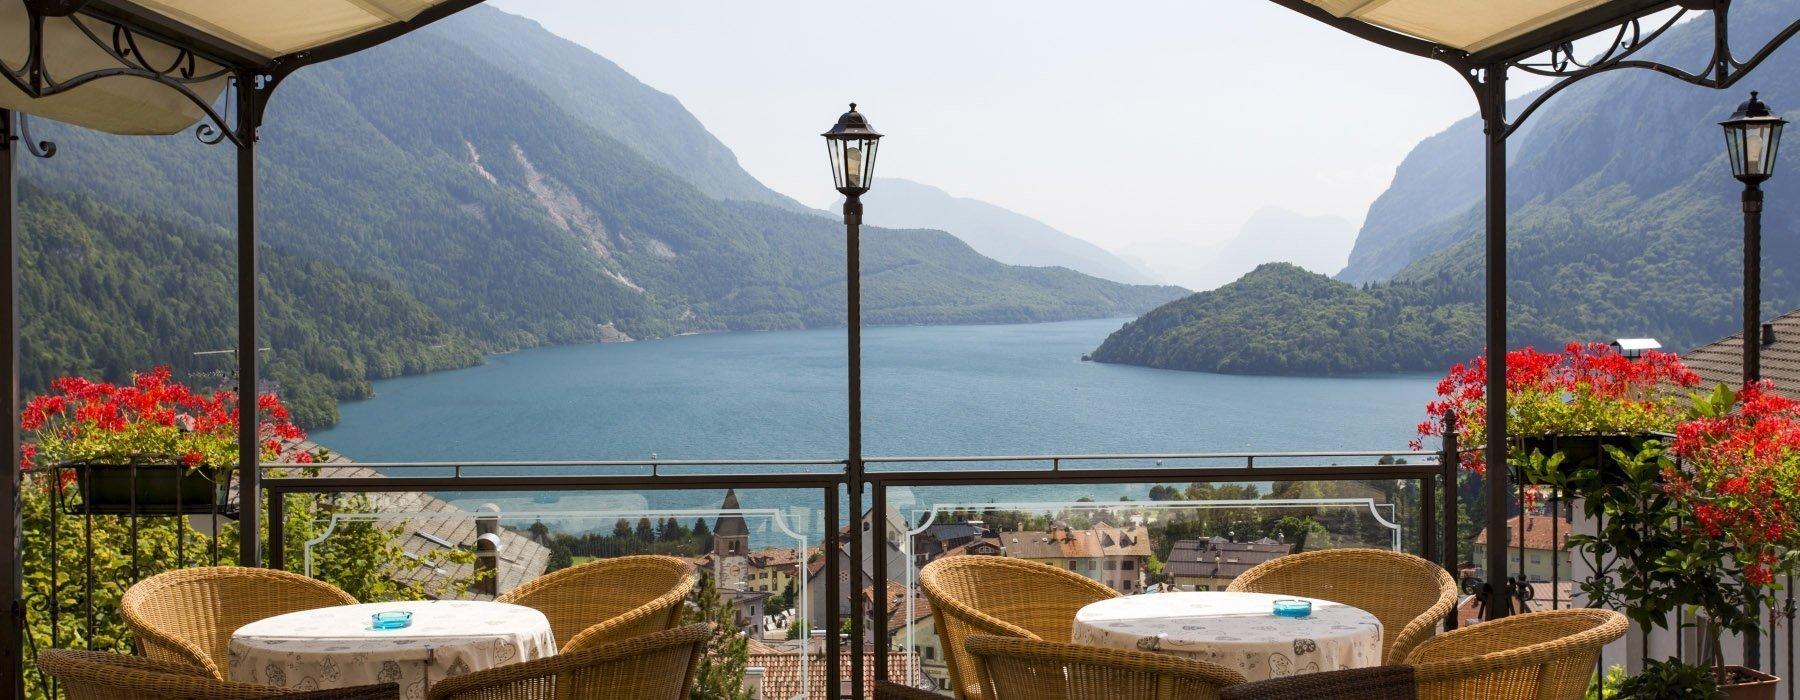 terrazza hotel con vista panoramica